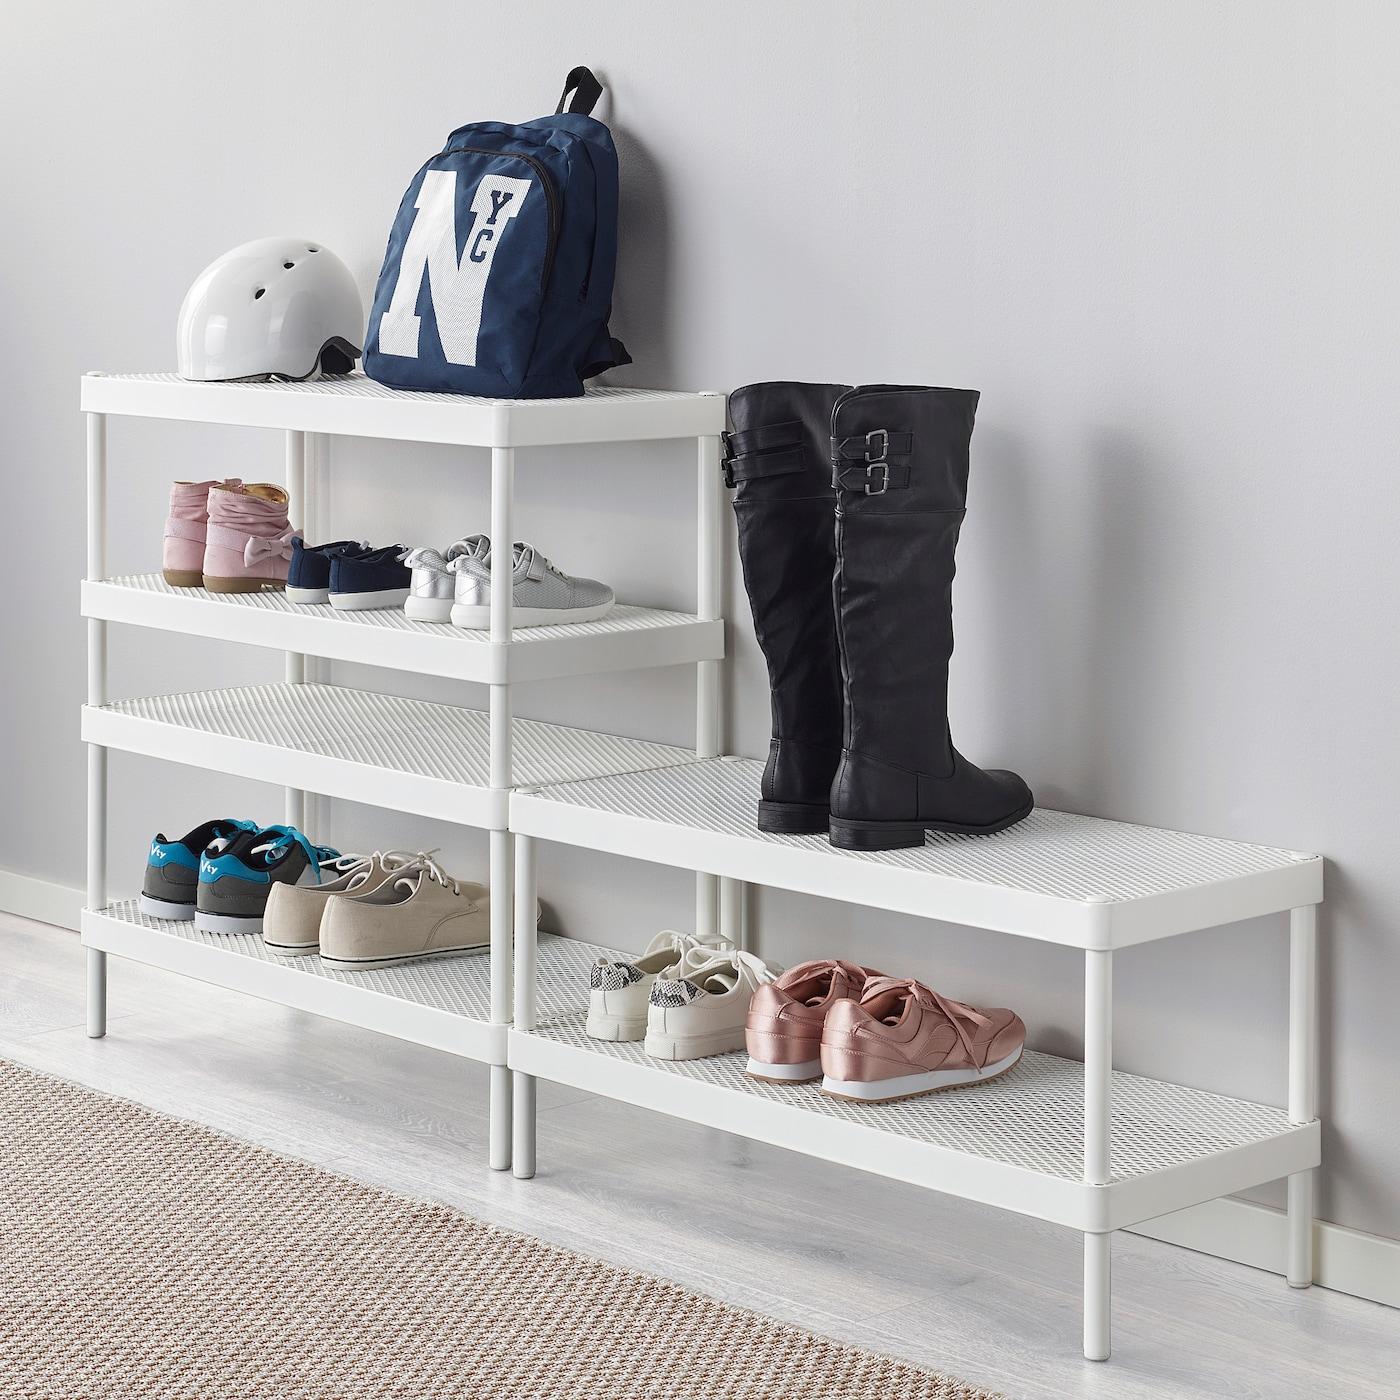 MACKAPÄR Shoe rack, white - IKEA